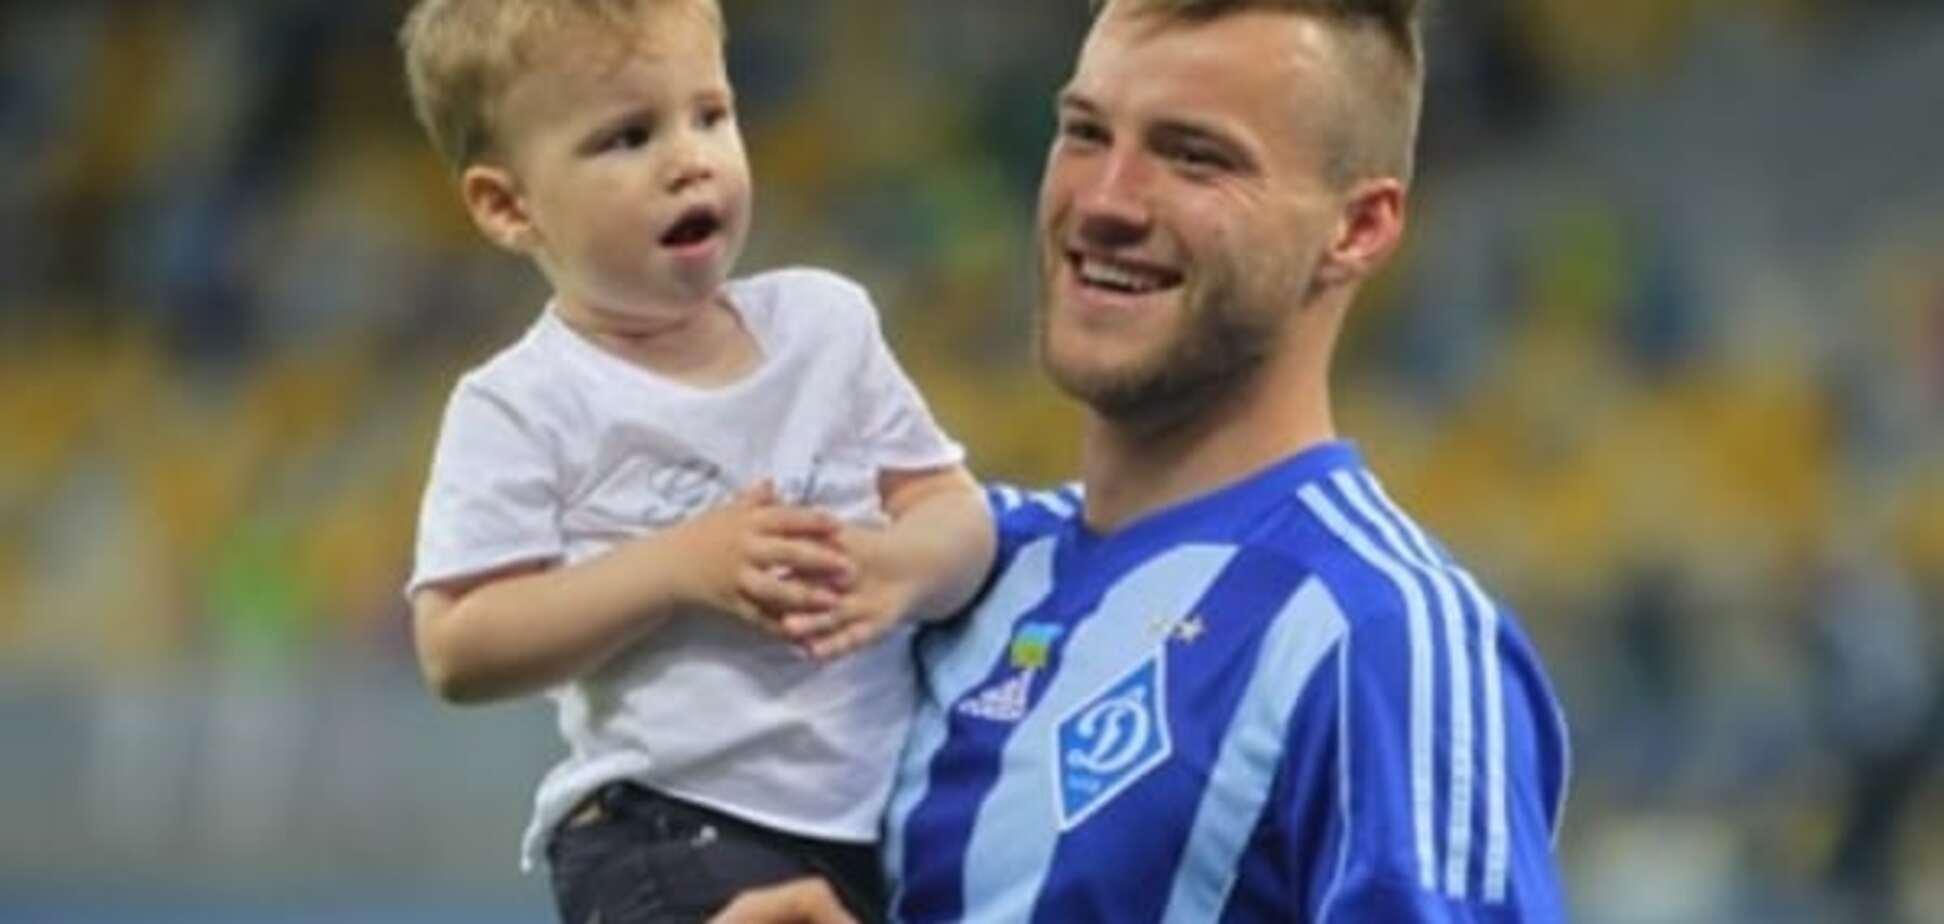 Ярмоленко назвал сына 'в честь' бразильского одноклубника